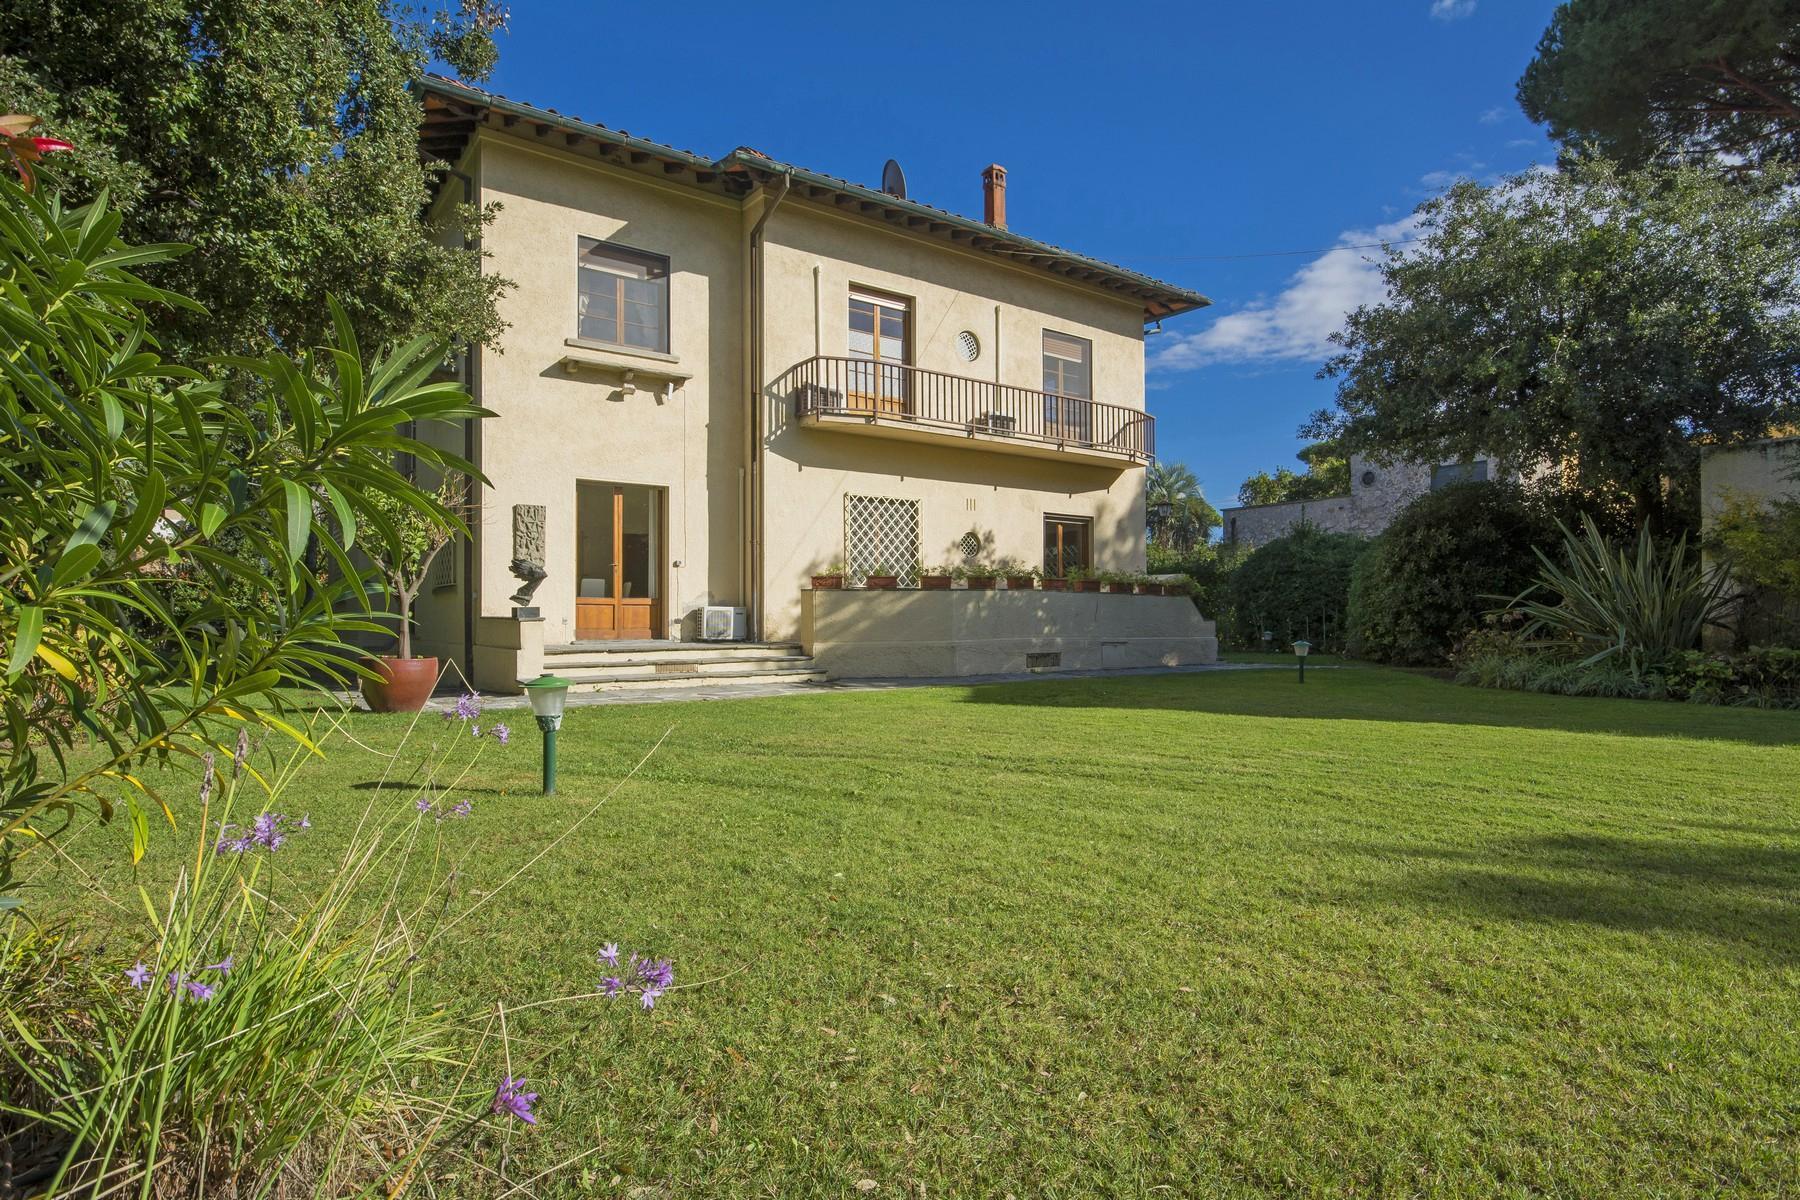 坐落于Forte dei Marmi的绝妙别墅 - 1